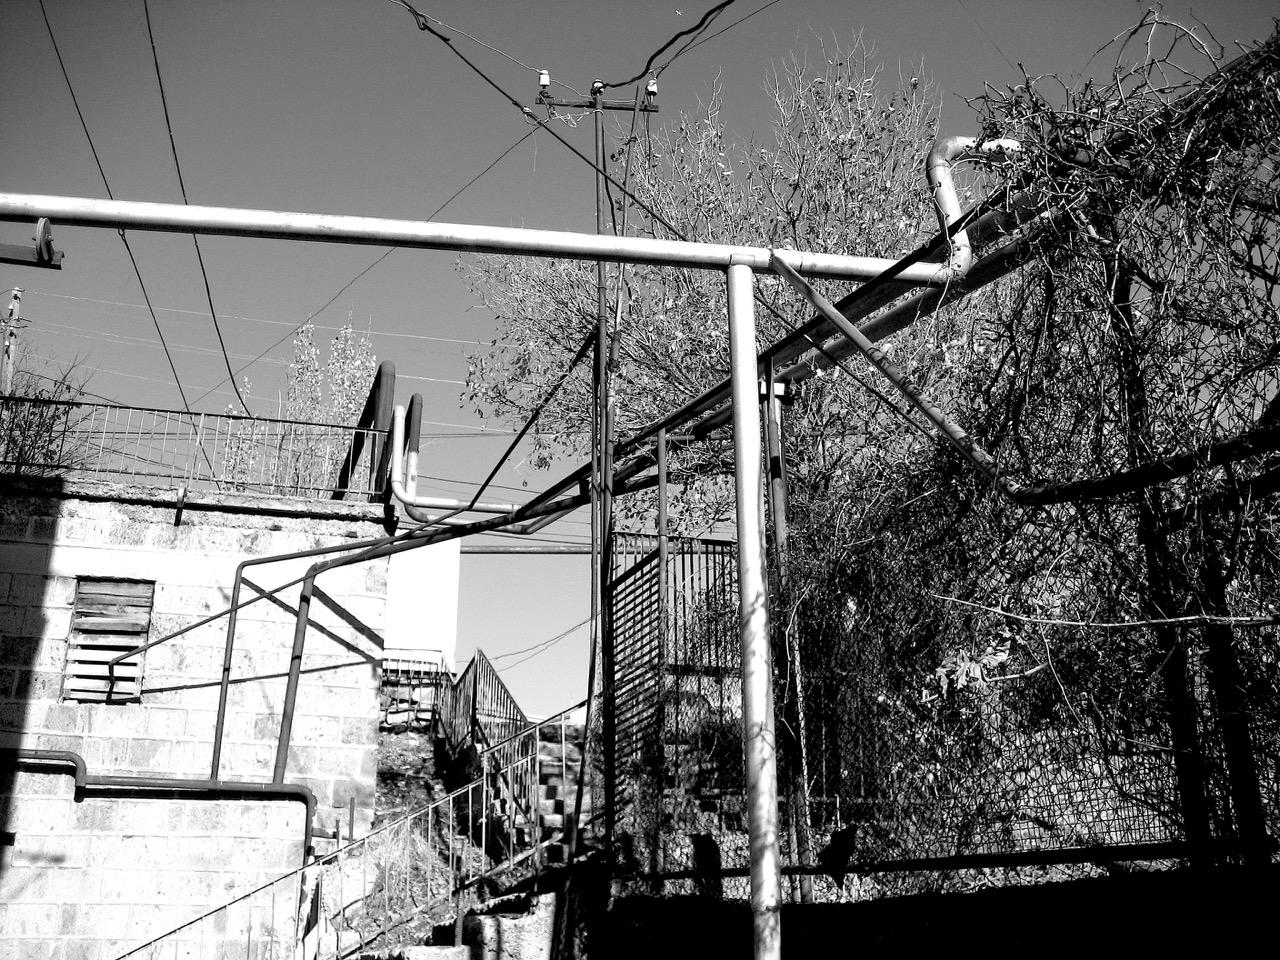 Foto: Armenische Röhre (Aygedzor). Aus: Eriwan. Kapitel 1. Aufzeichnungen aus Armenien von Marc Degens.